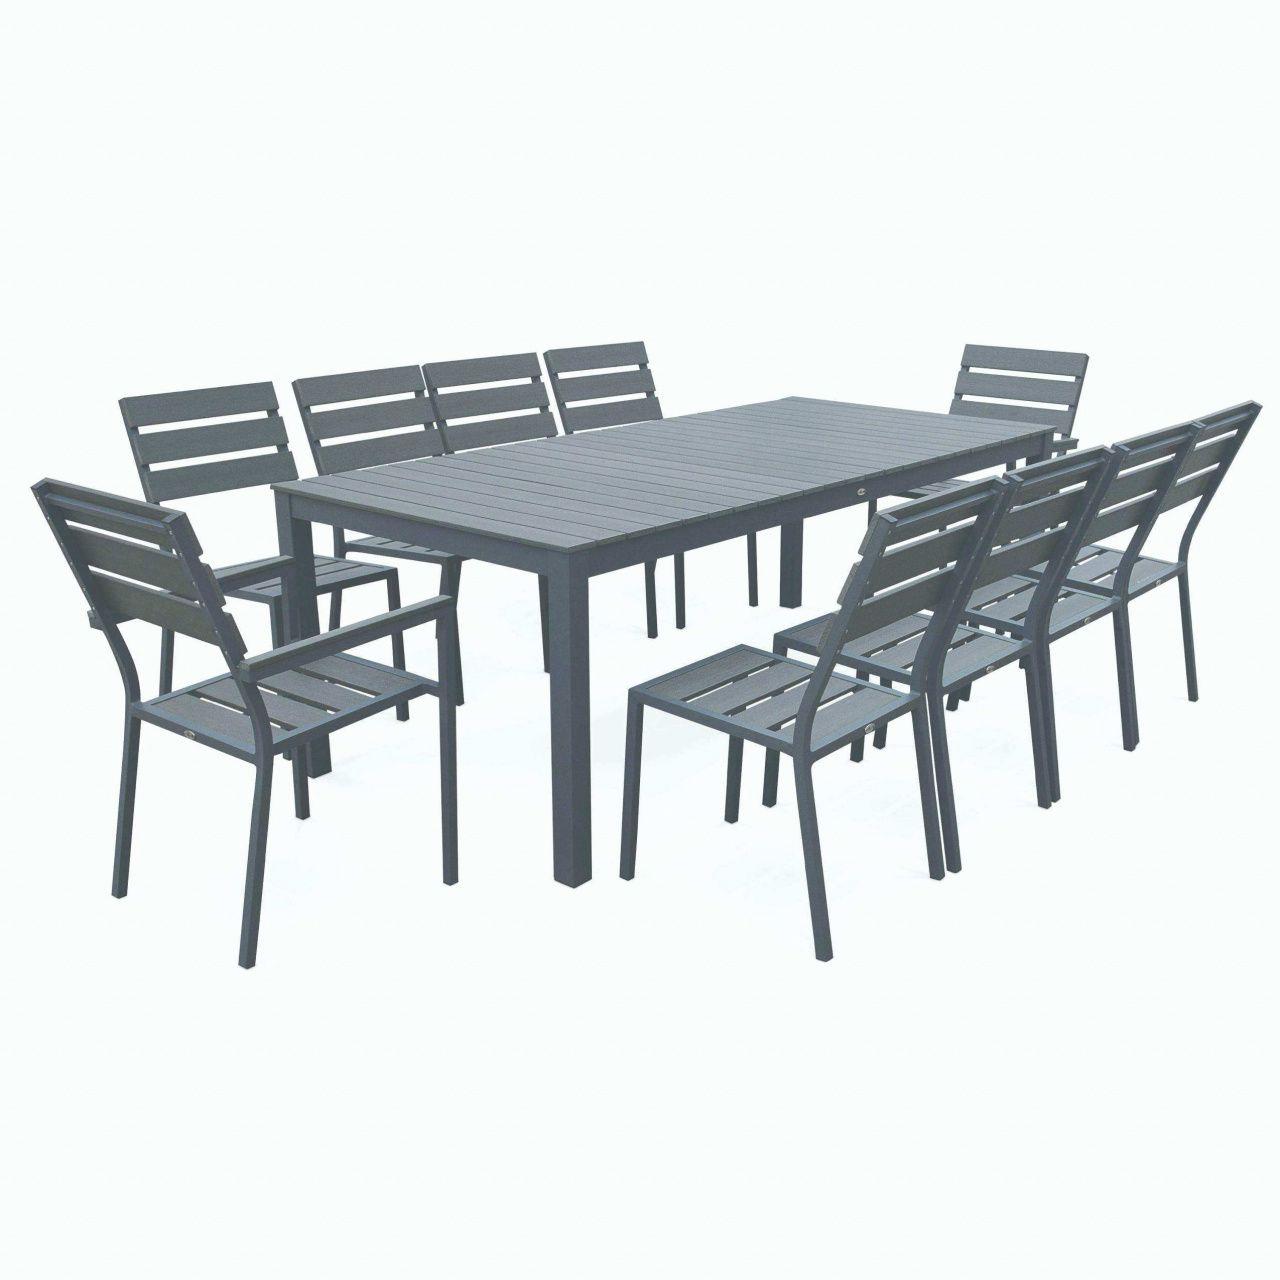 Table De Jardin Conforama - Canalcncarauca dedans Conforama Table De Jardin